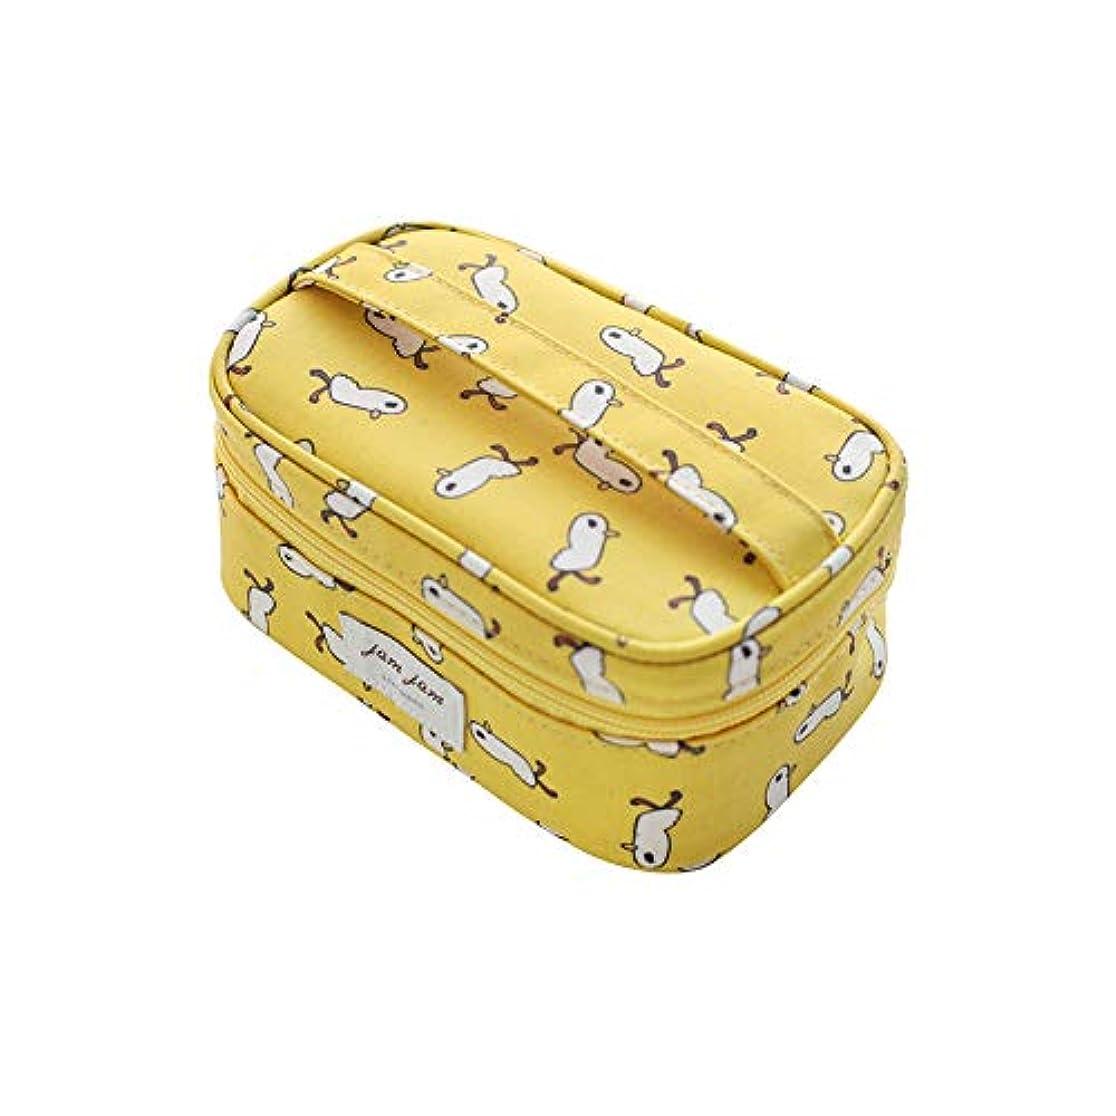 富豪熟練した安西[LIVEWORK] JAMJAM makeup pouch (duck) ジェムジェムメイクポーチ(あひる) ブラッシュ メイクアップ イエロー 黄色